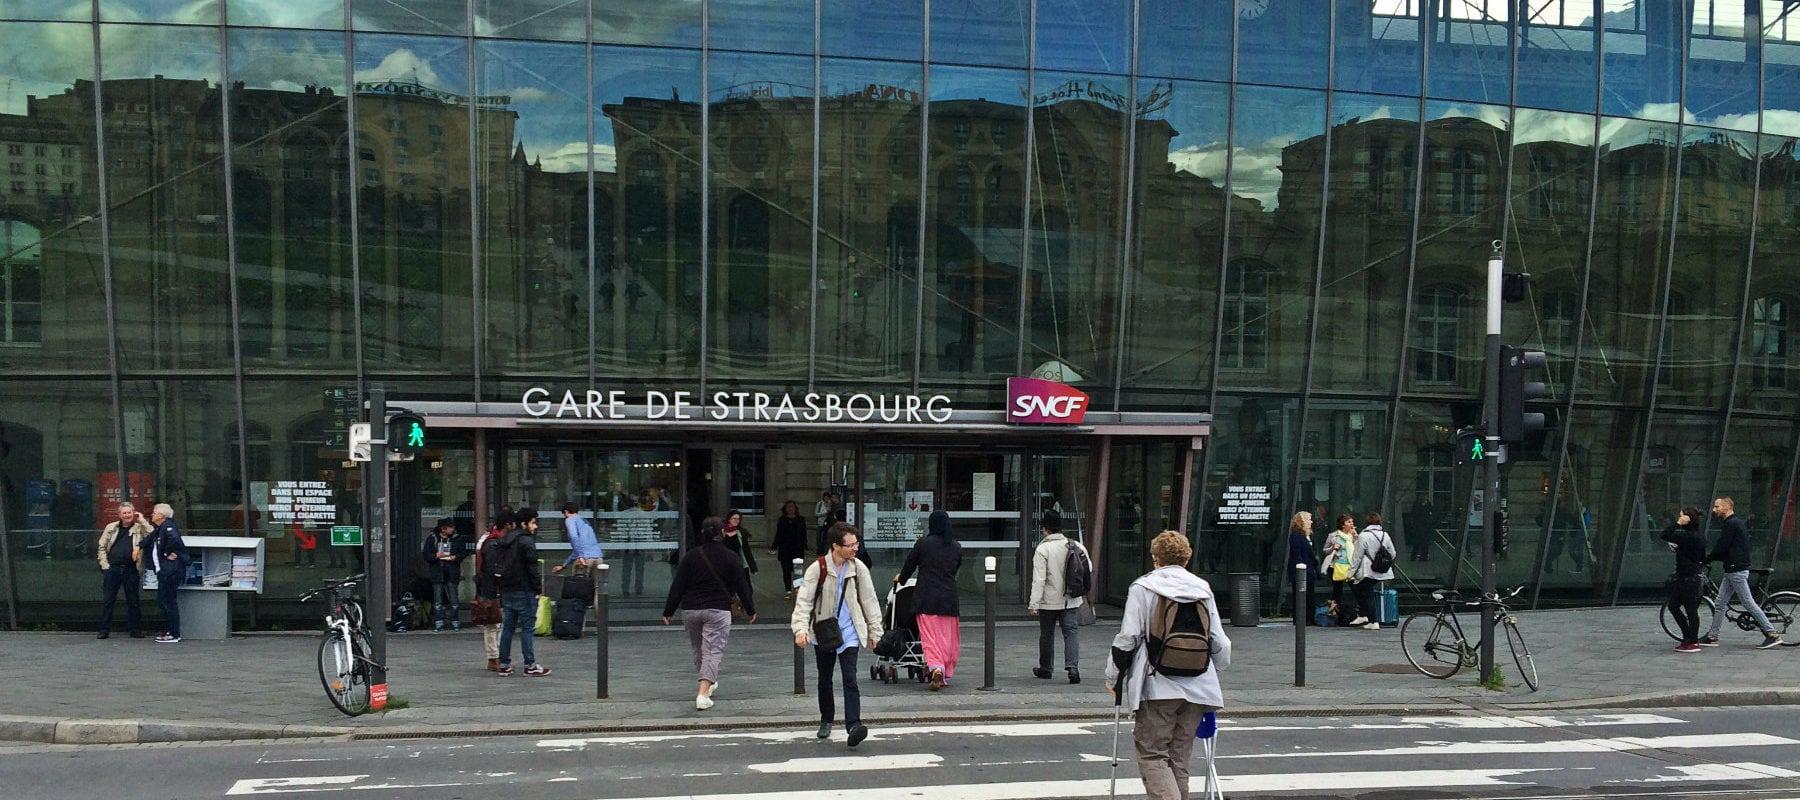 Place de la gare : une étude évalue à 1,7 million d'euros les renforcements pour un tram